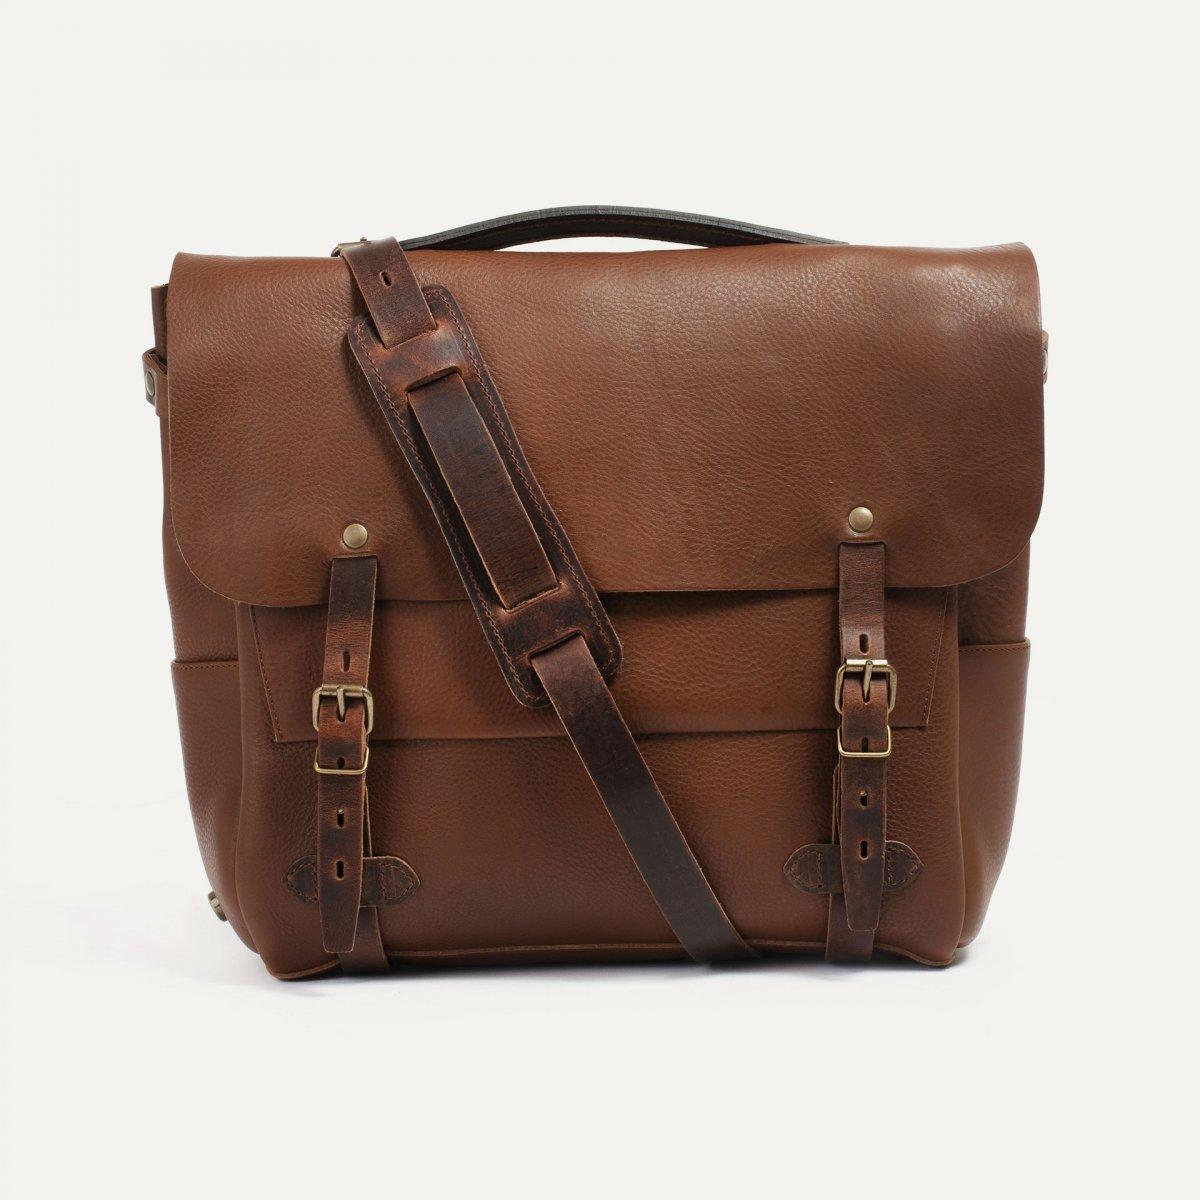 Postman bag Eclair L - Cuba Libre (image n°1)